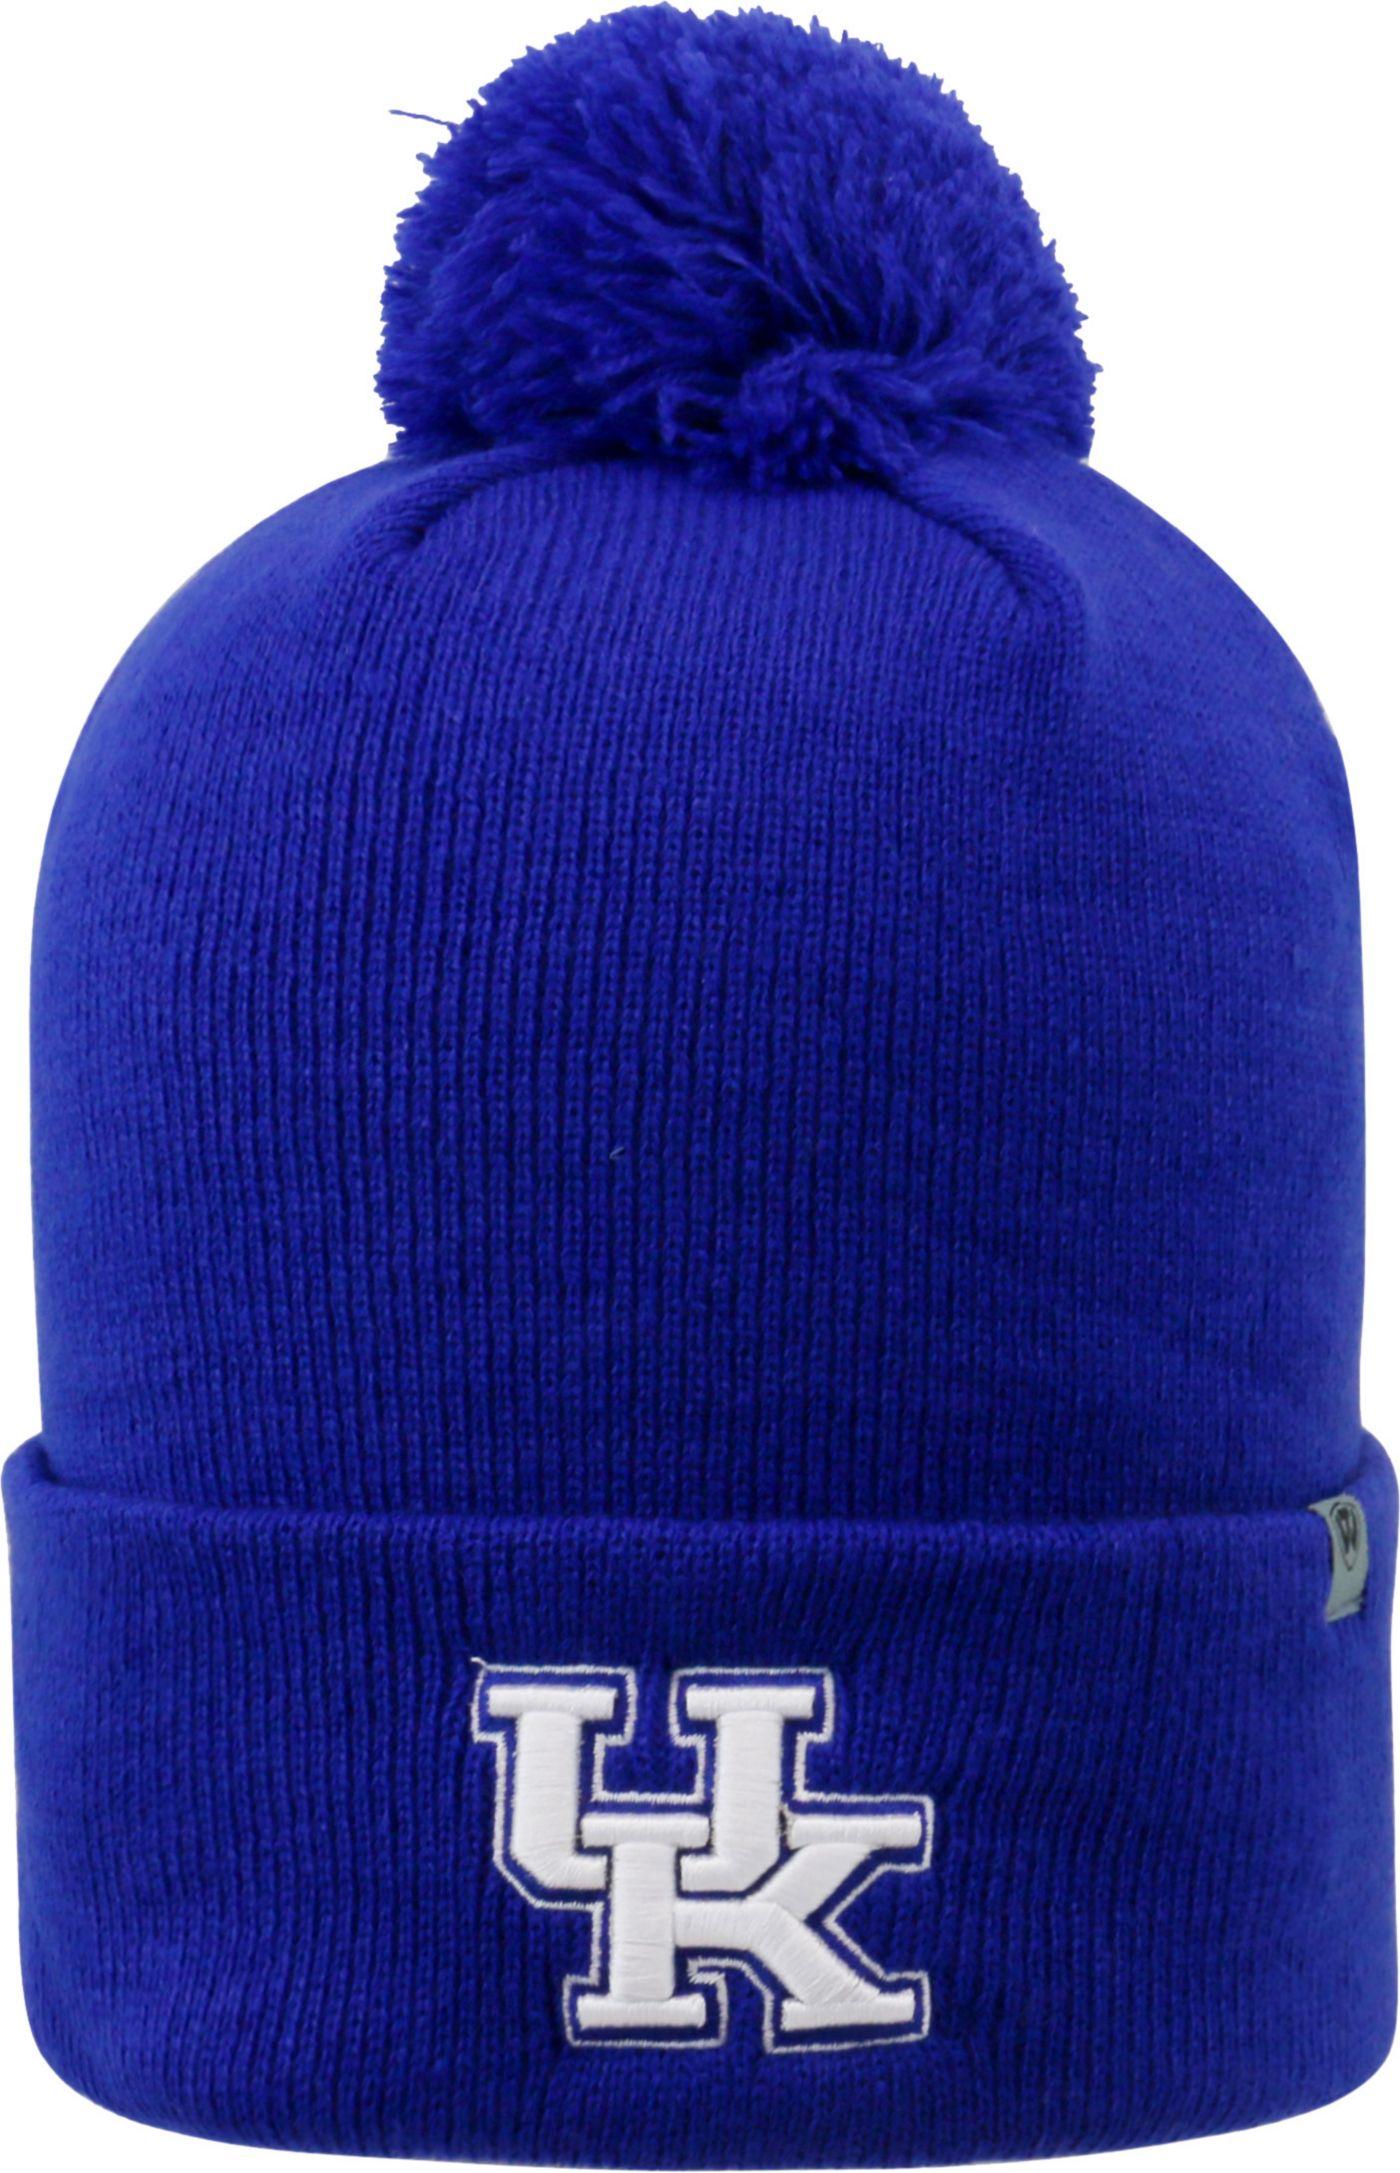 Top of the World Men's Kentucky Wildcats Blue Pom Knit Beanie